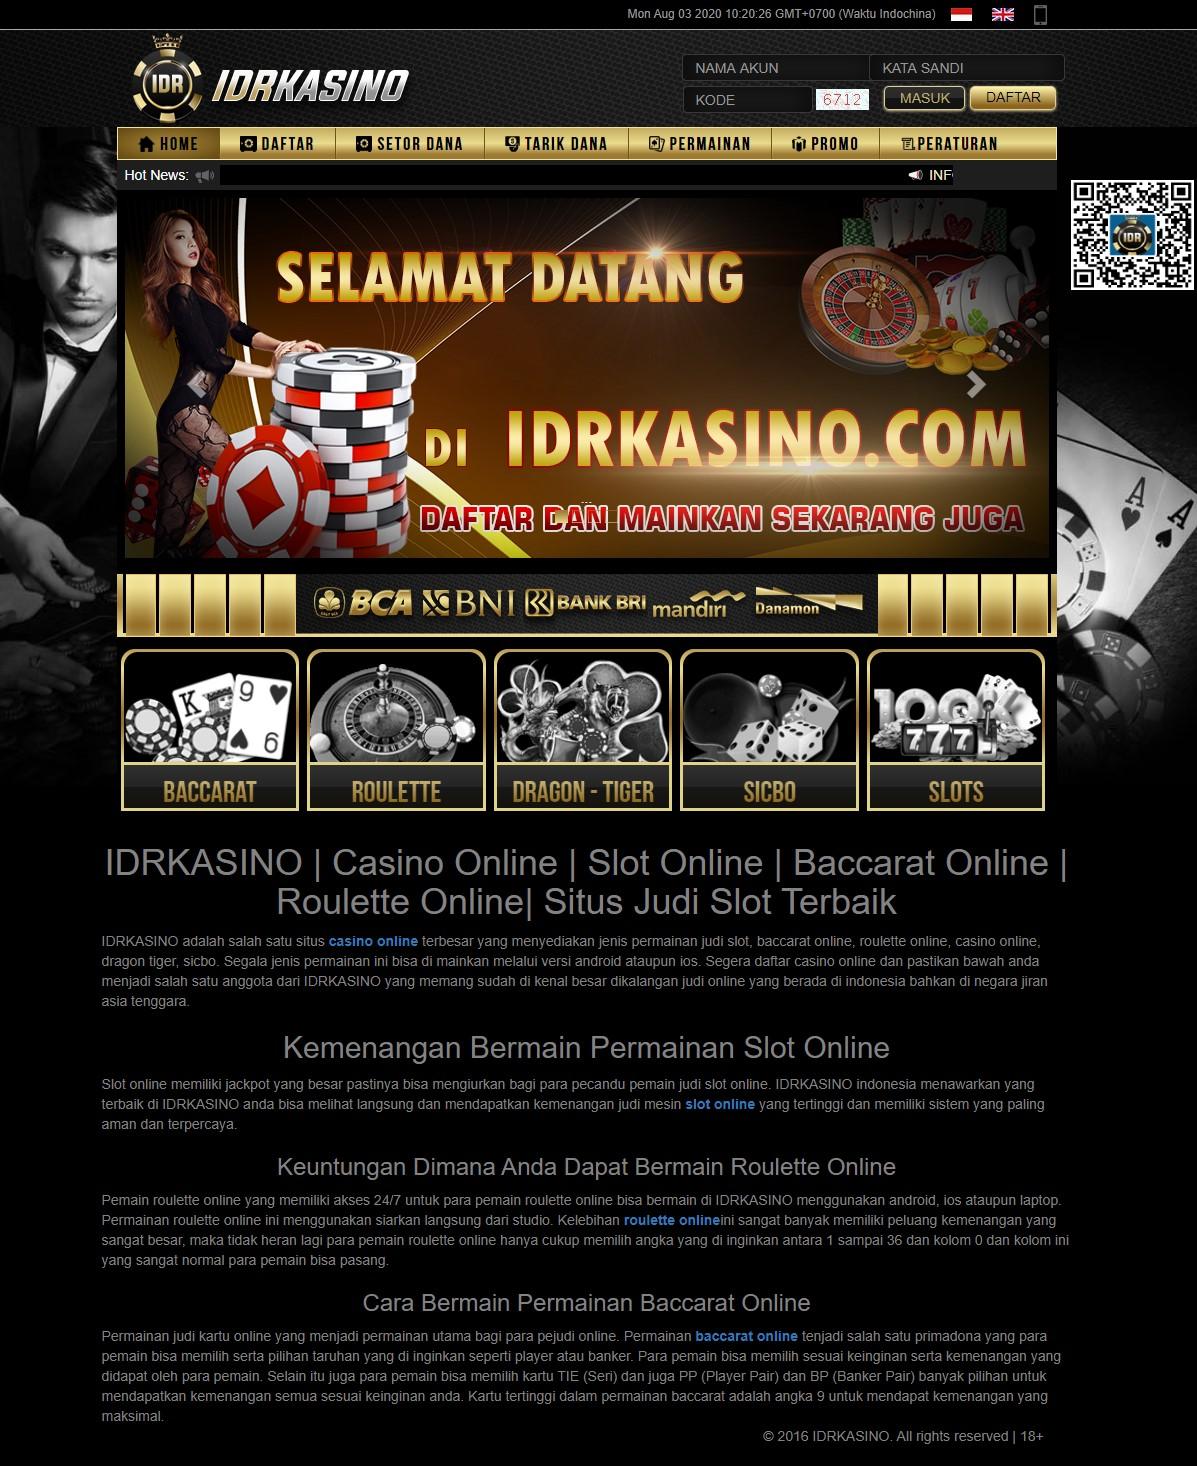 Idrkasino Situs Judi Slot Online Terpercaya Di Indonesia